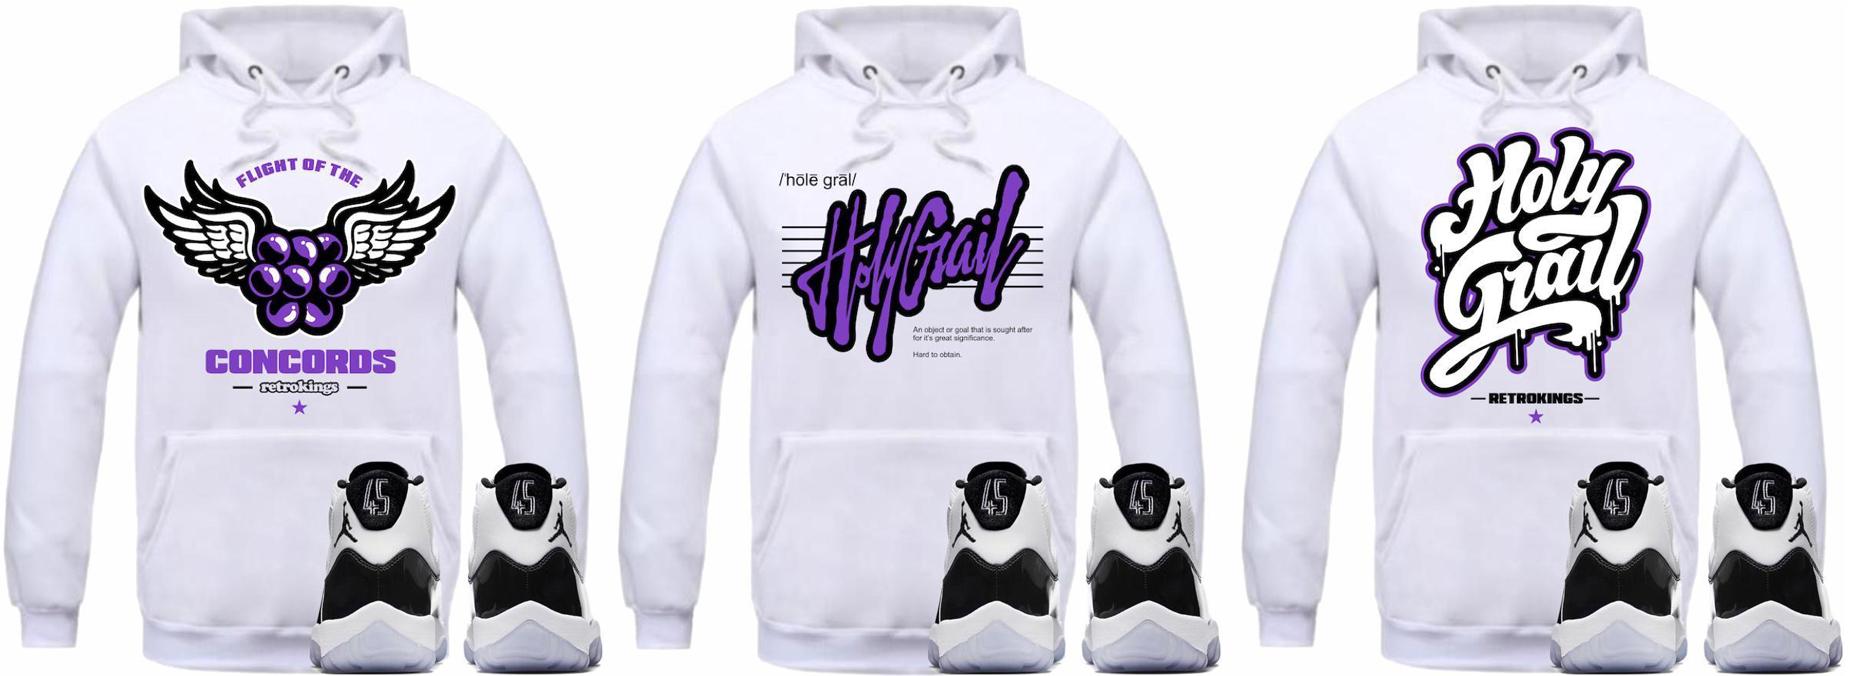 concord-jordan-11-sneaker-hoodies